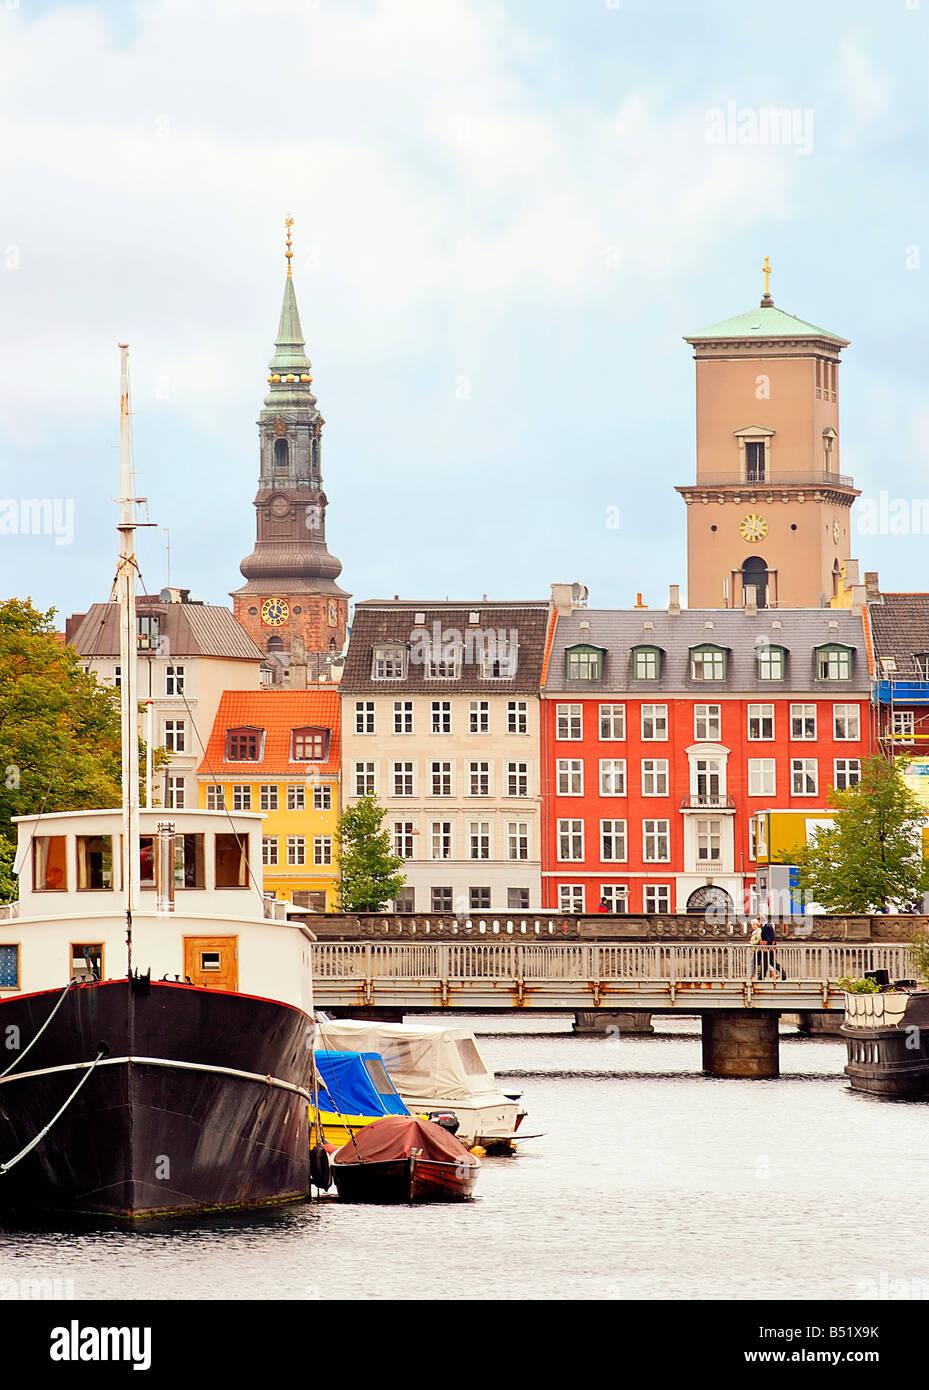 Frederiksholms Kanal in Kopenhagen - Stock Image